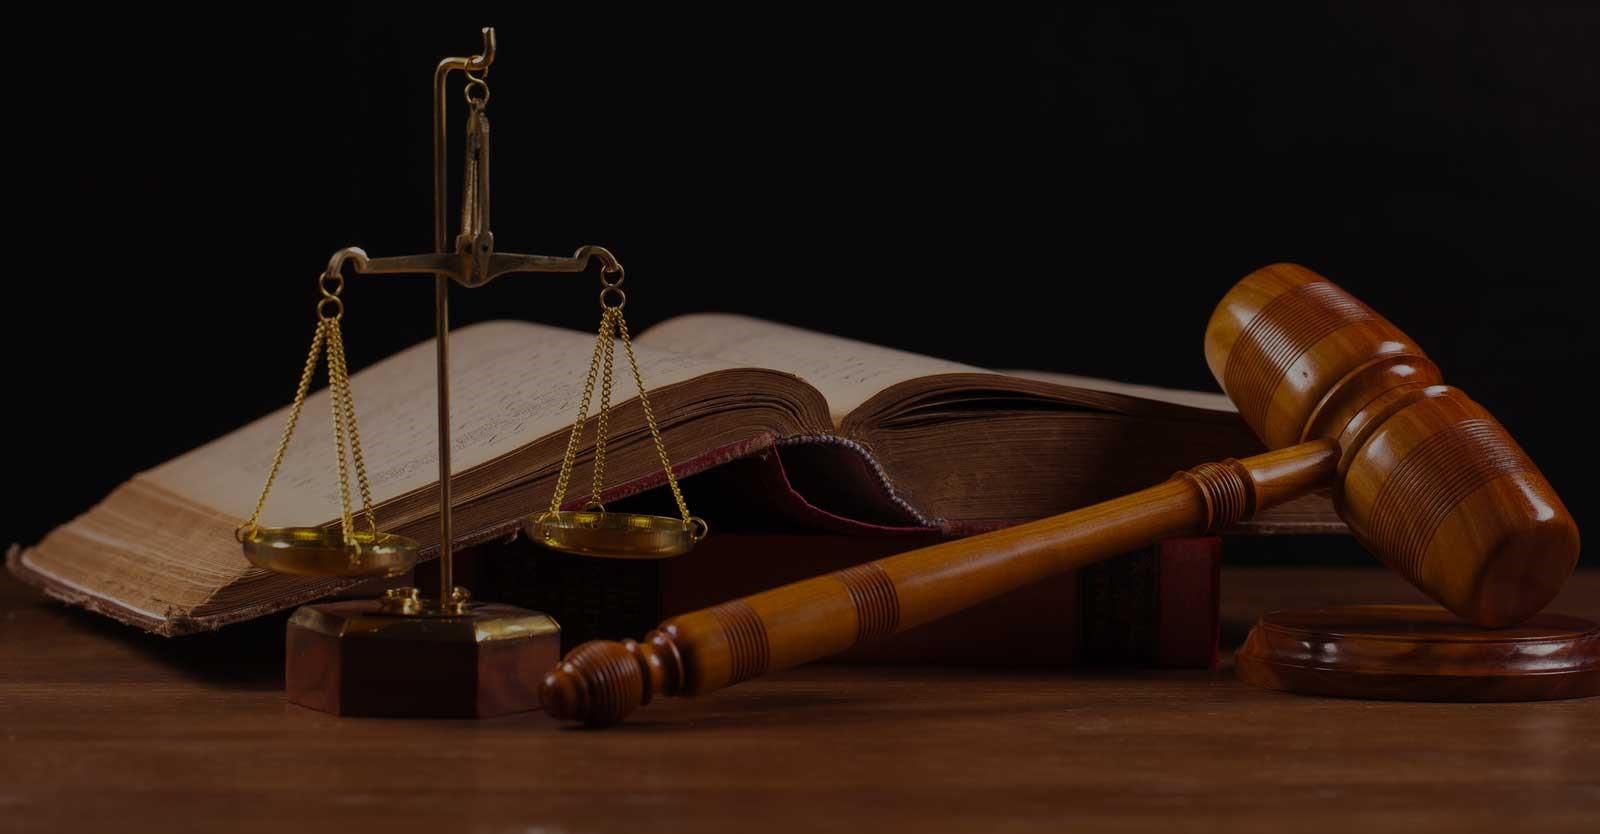 خدمات مشاوره حقوقی ملکی را از ملکانا دریافت کنید 2